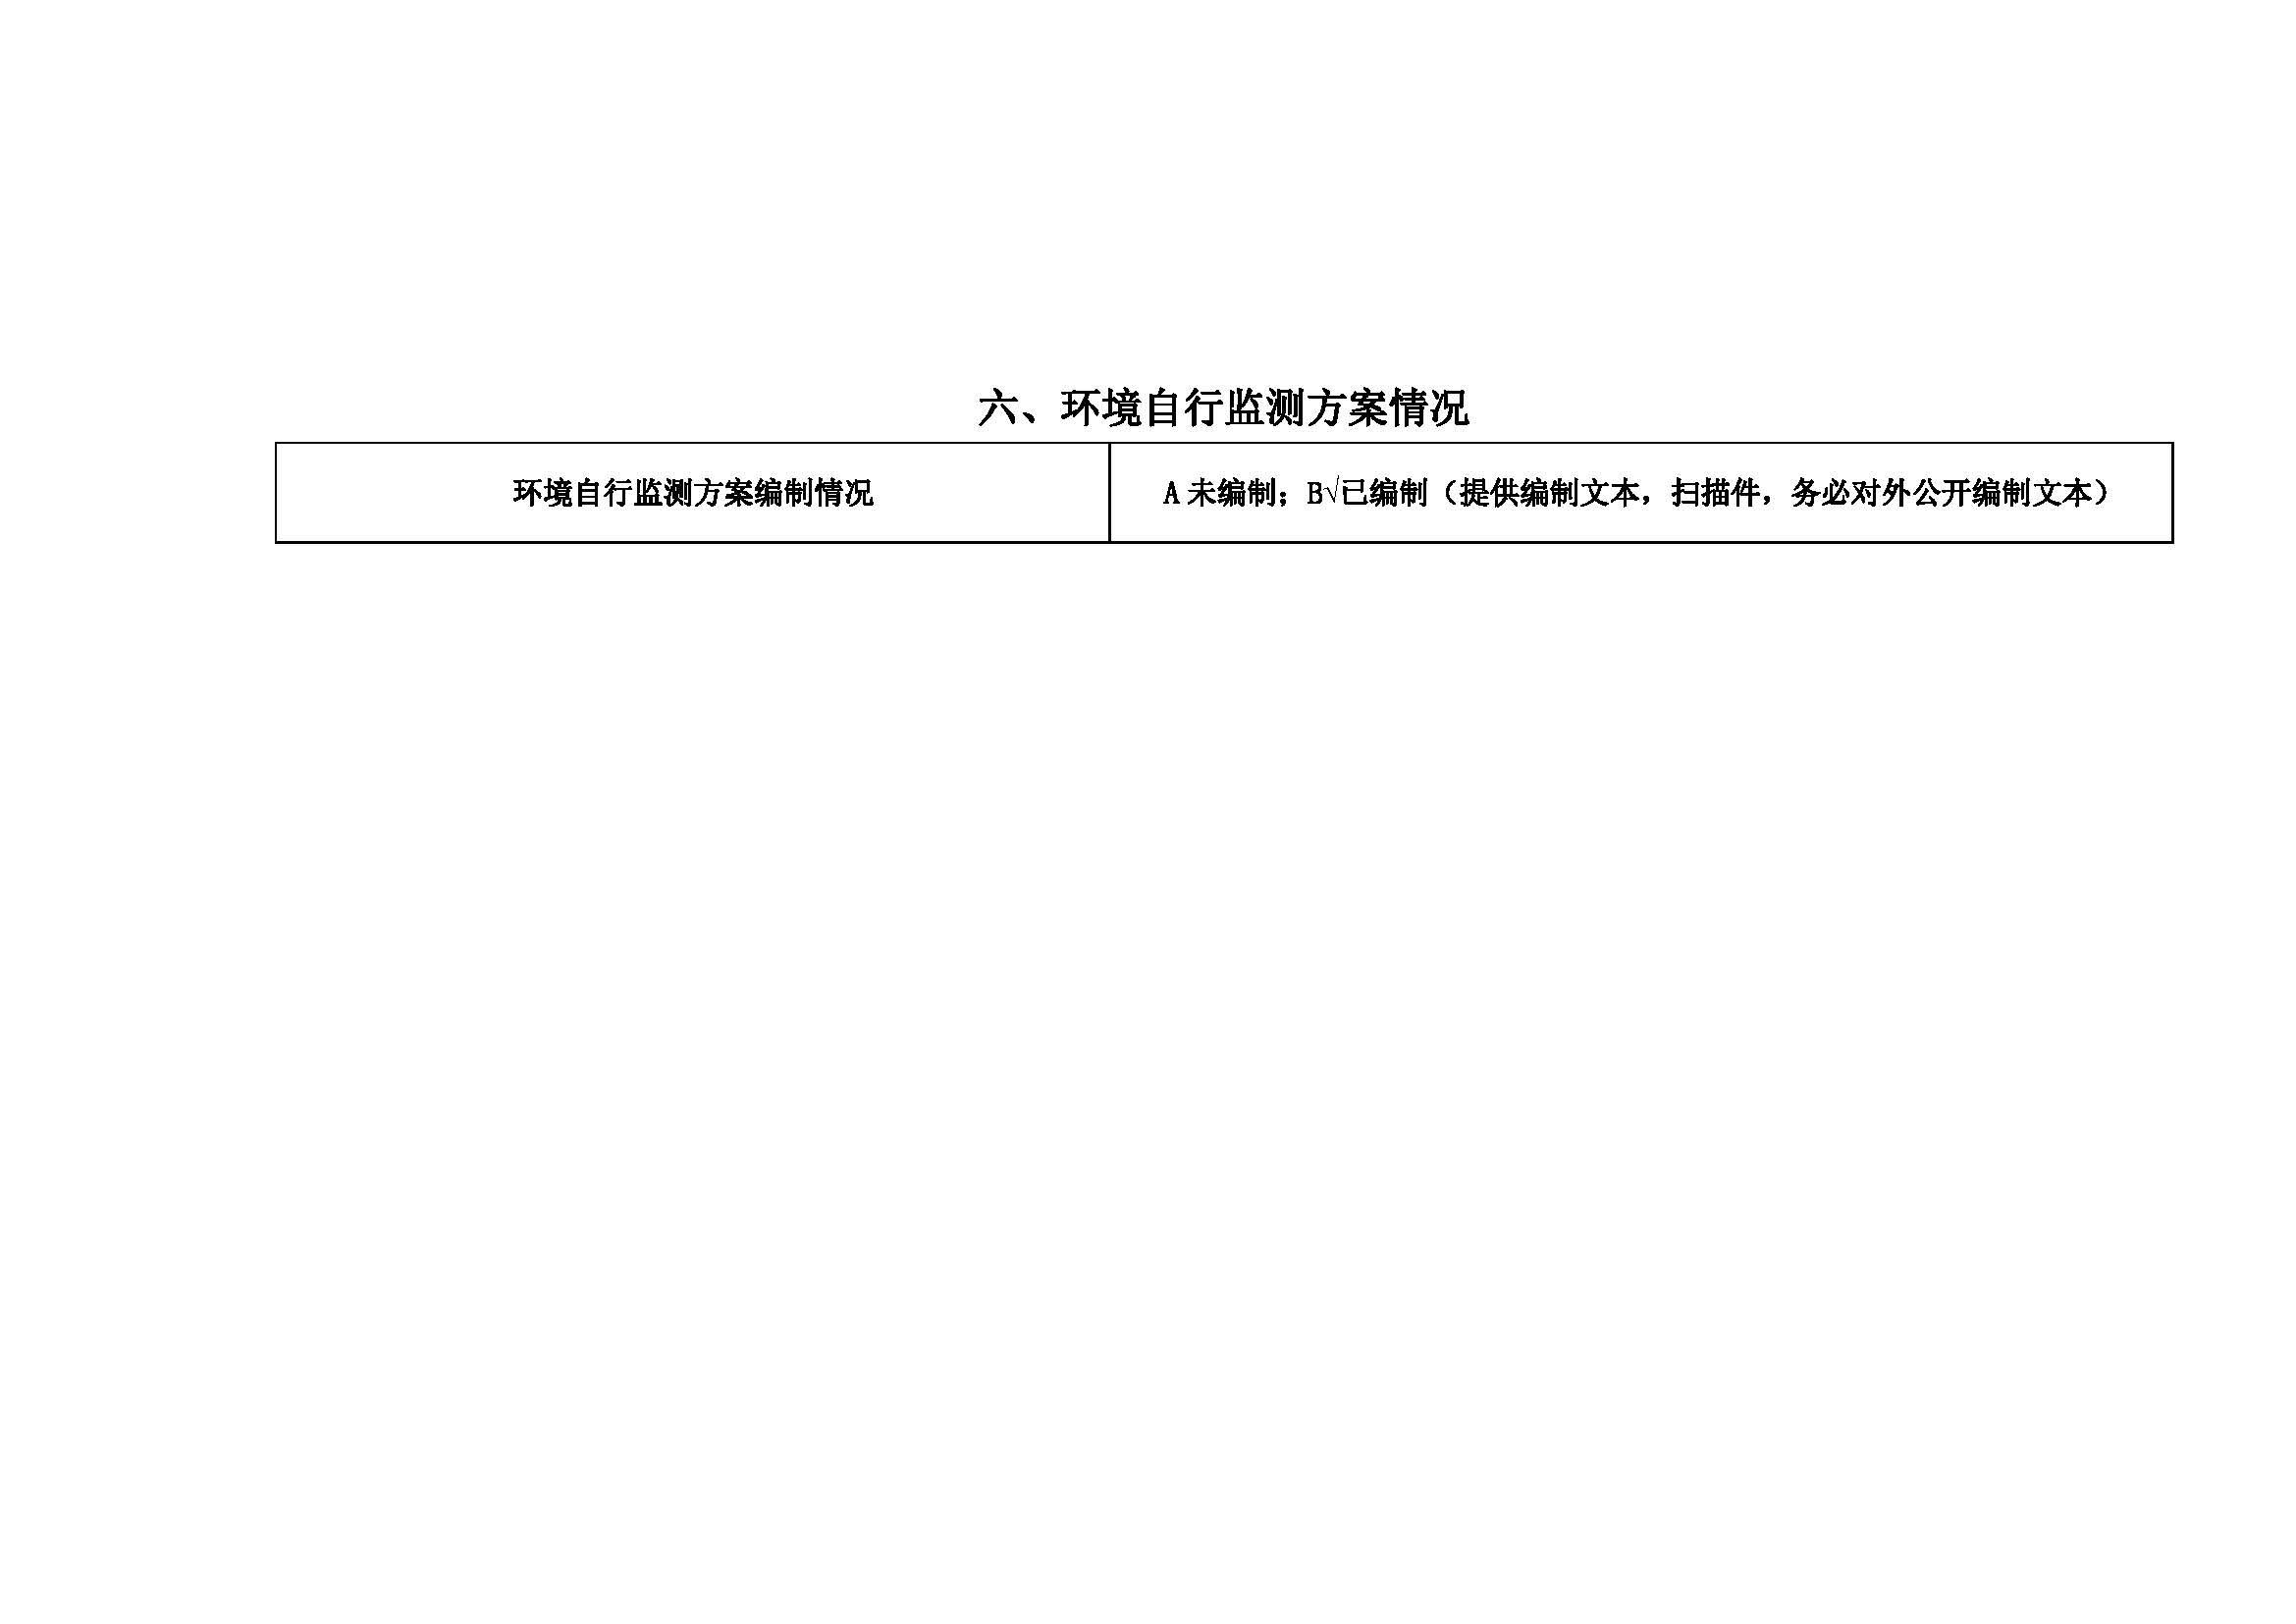 企业事业环境信息公开目录明细(2019)_页面_7.jpg